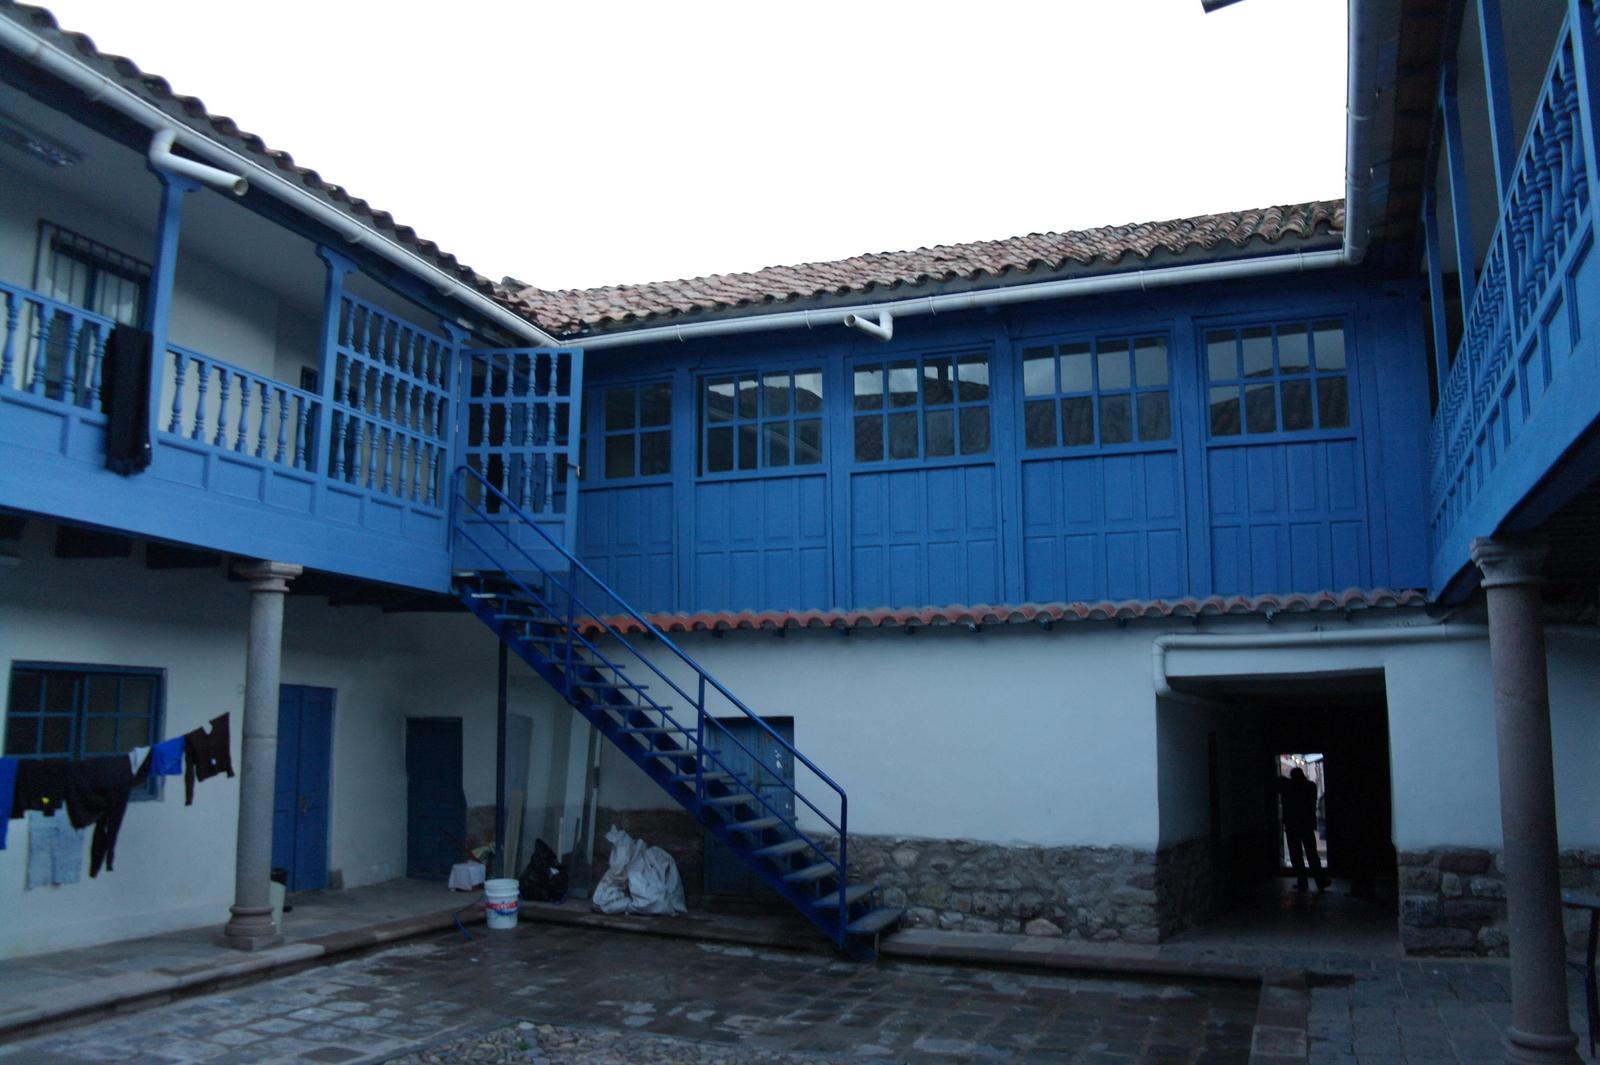 15 na een buitendeur aan de straat komen we op een binnenplaatsje, we zijn op weg naar het bovenwoninkje waar de 2 oudste pleeg puberkinderen wonen van Ninos del Sol